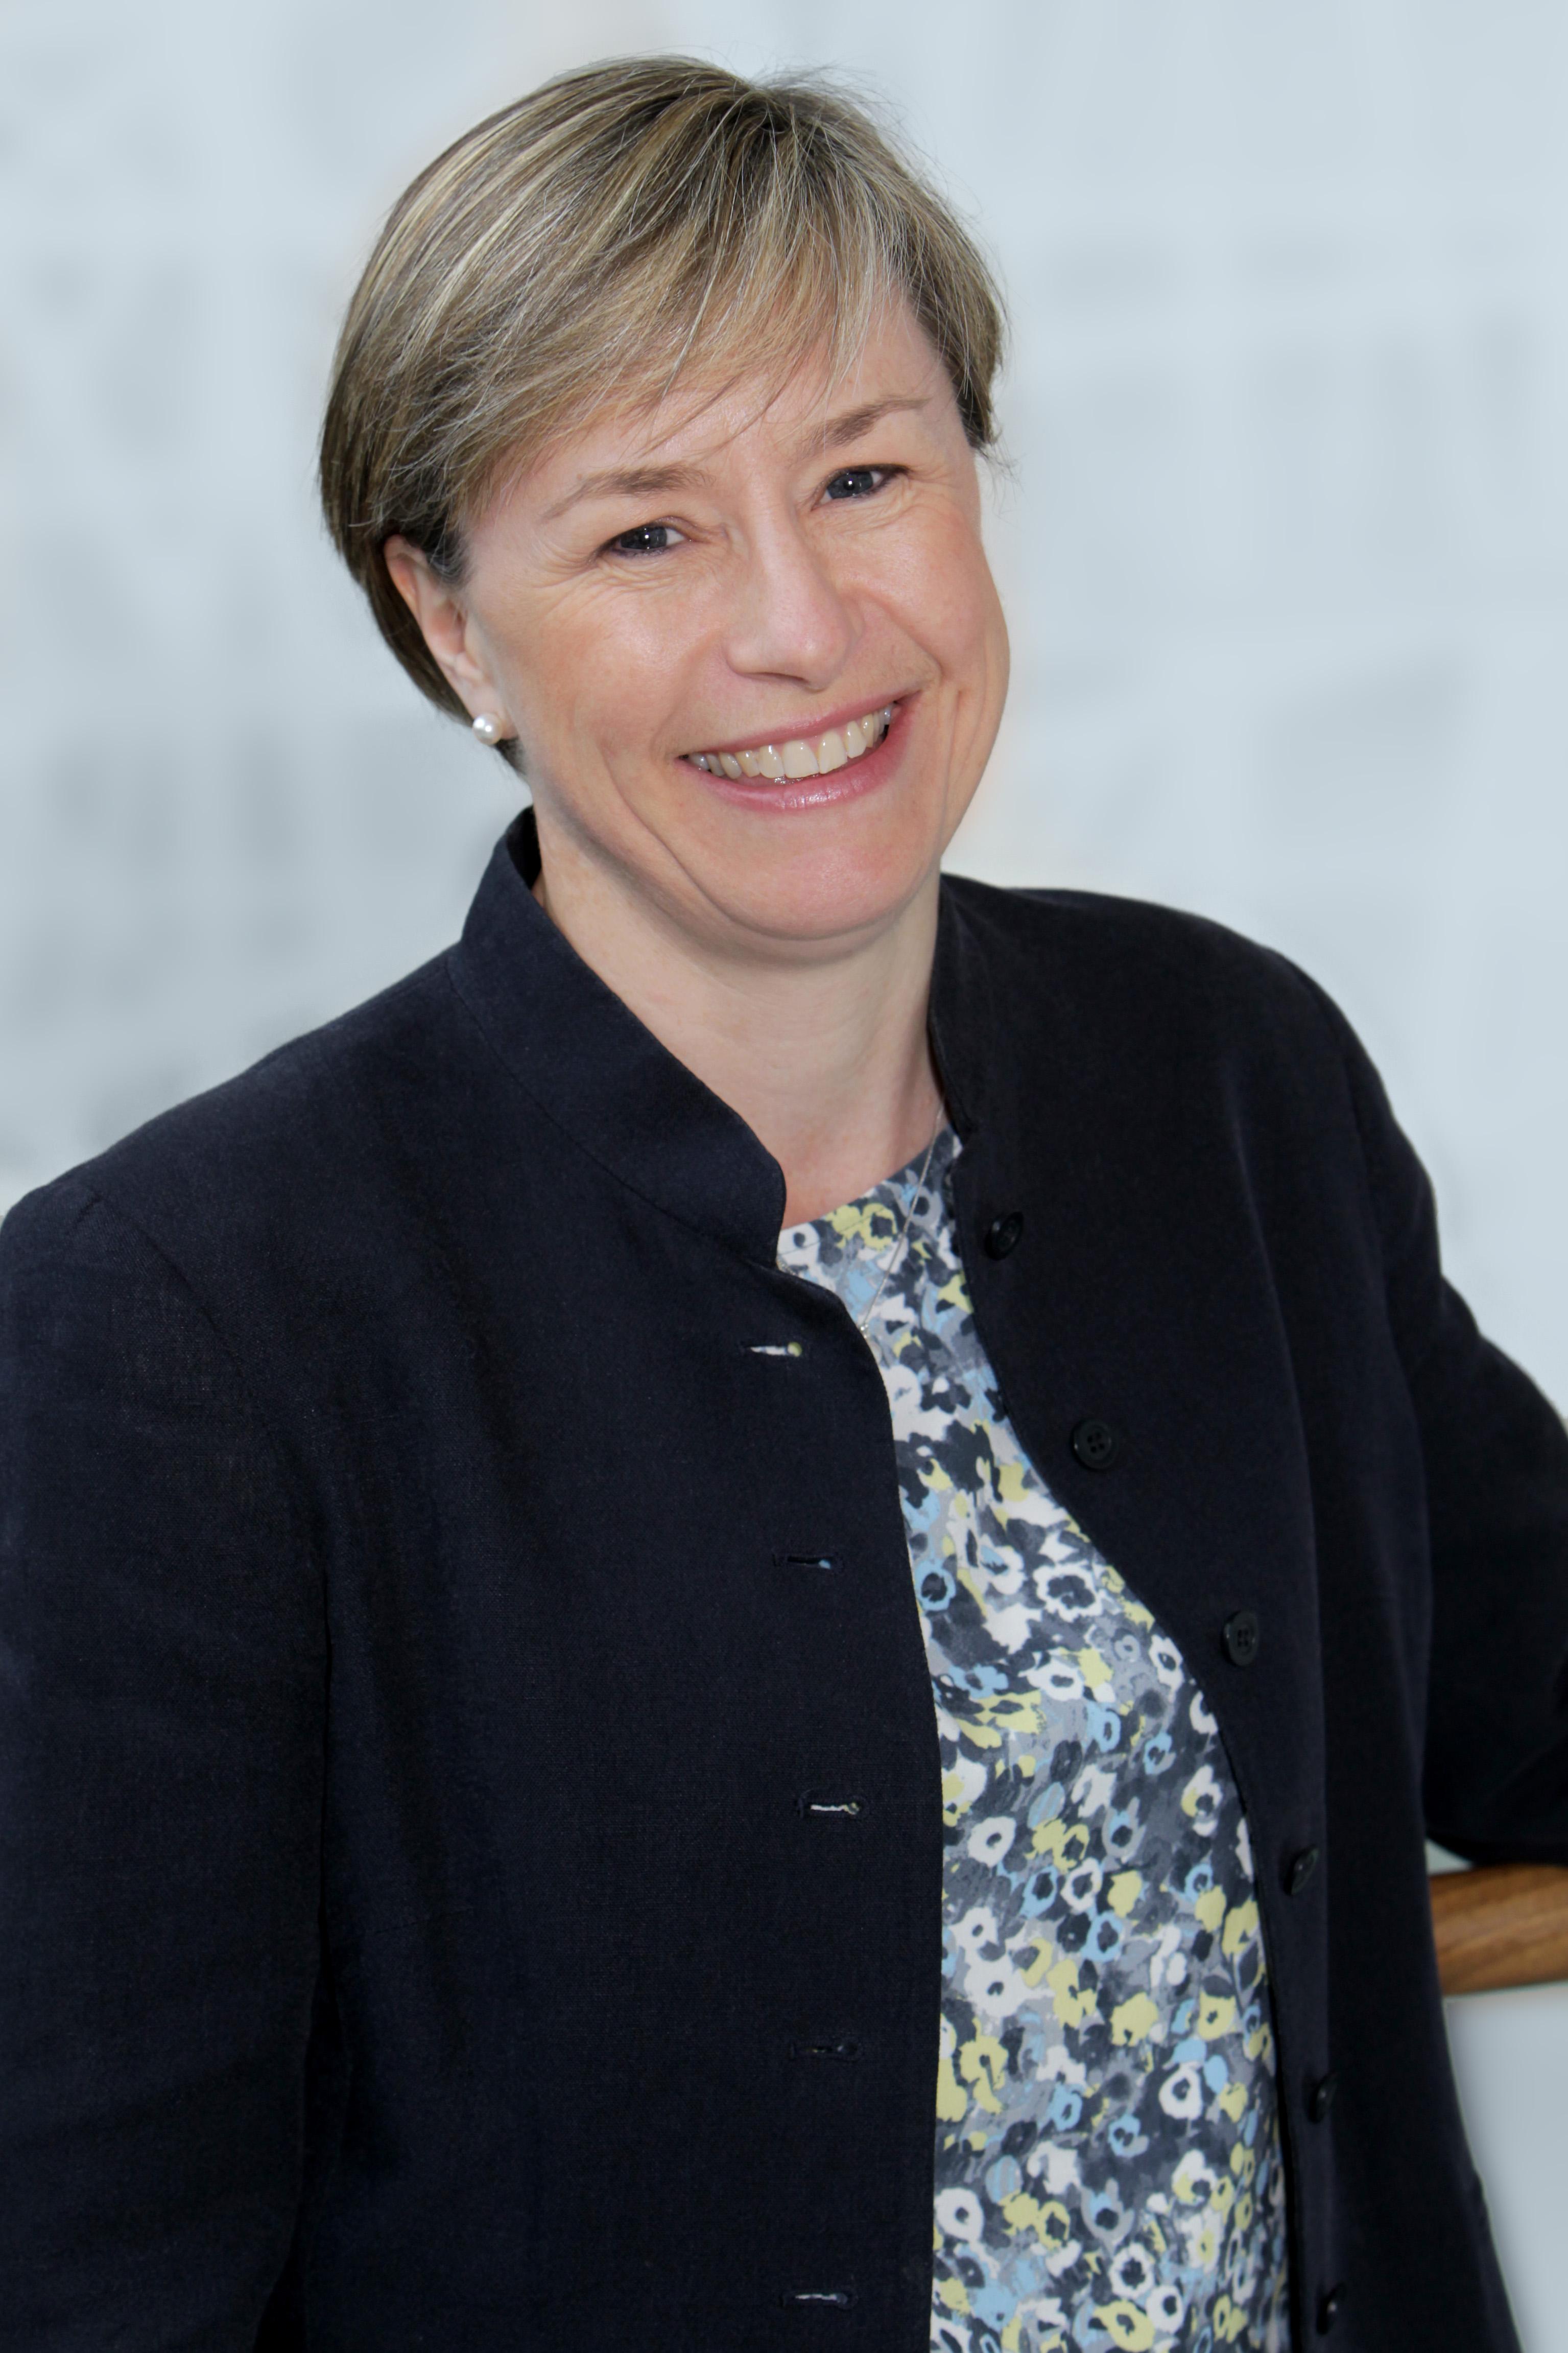 Helen Tayton-Martin